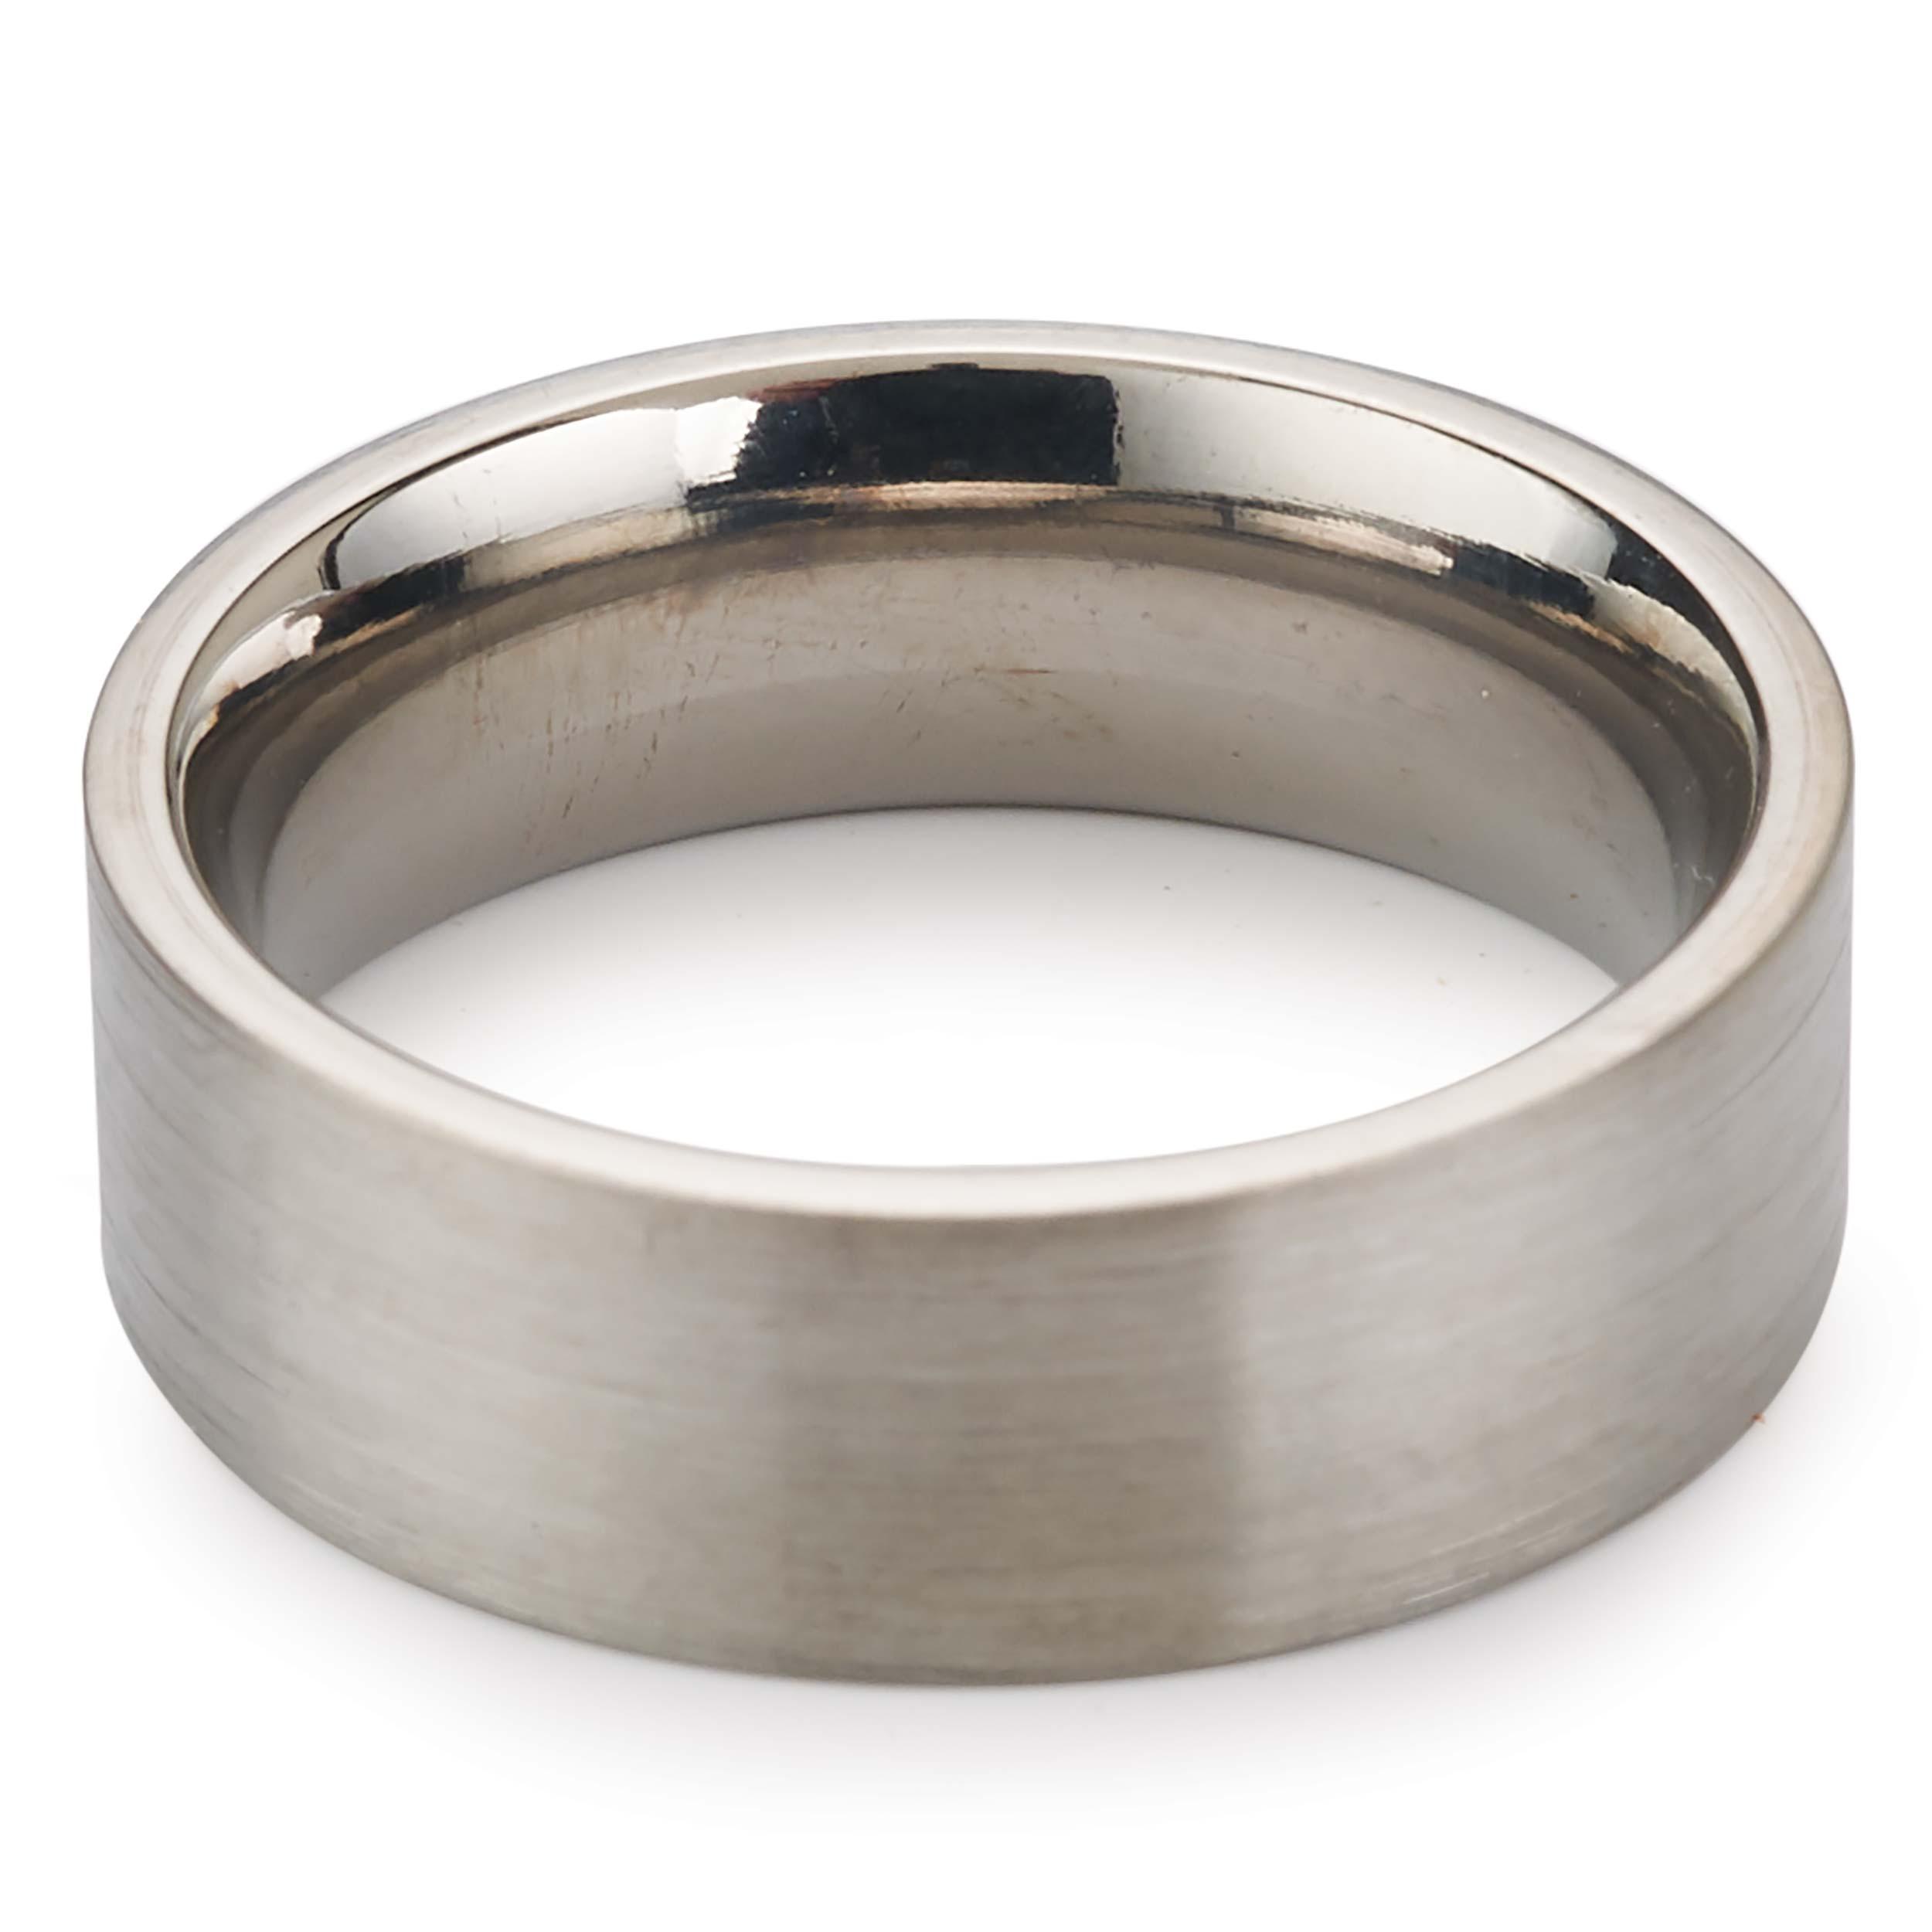 Comfort Ring Core - 64AL-4V Titanium - 6mm, Size 8